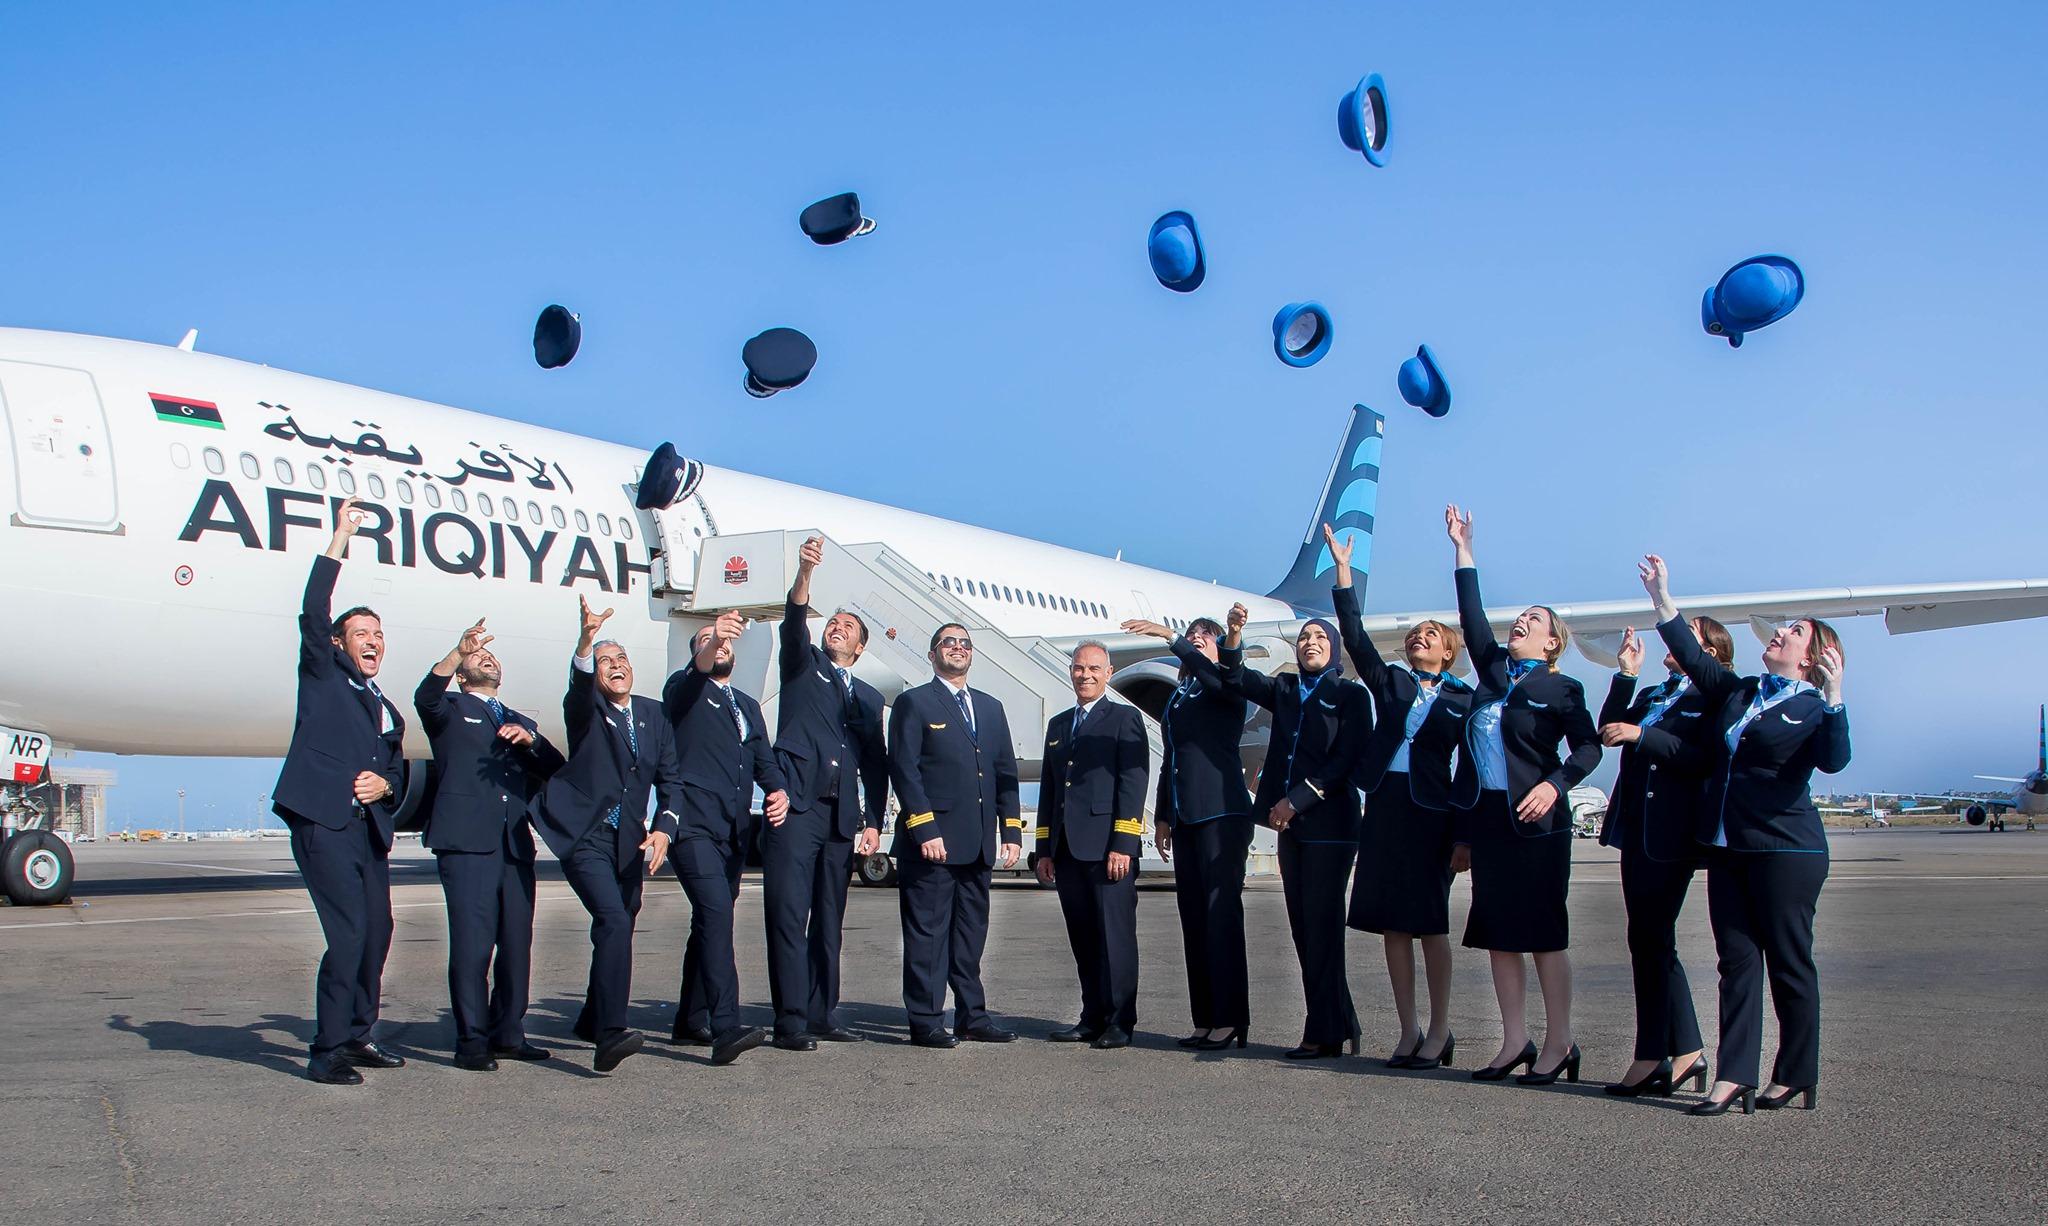 «الأفريقية» تستأنف تسيير رحلاتها إلى عدد من المدن داخل وخارج ليبيا